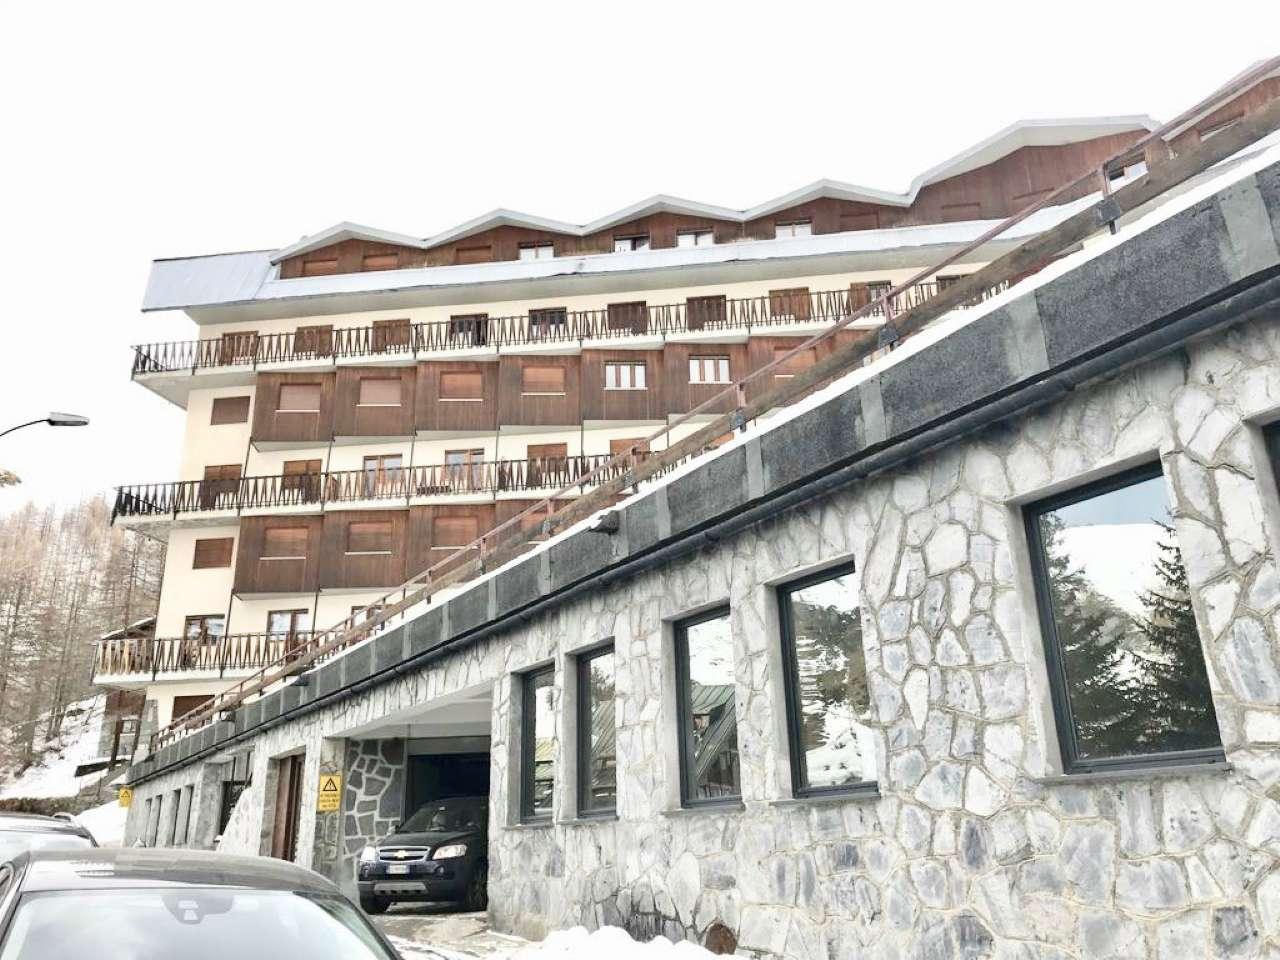 Appartamento in vendita a Valtournenche, 4 locali, prezzo € 360.000 | CambioCasa.it